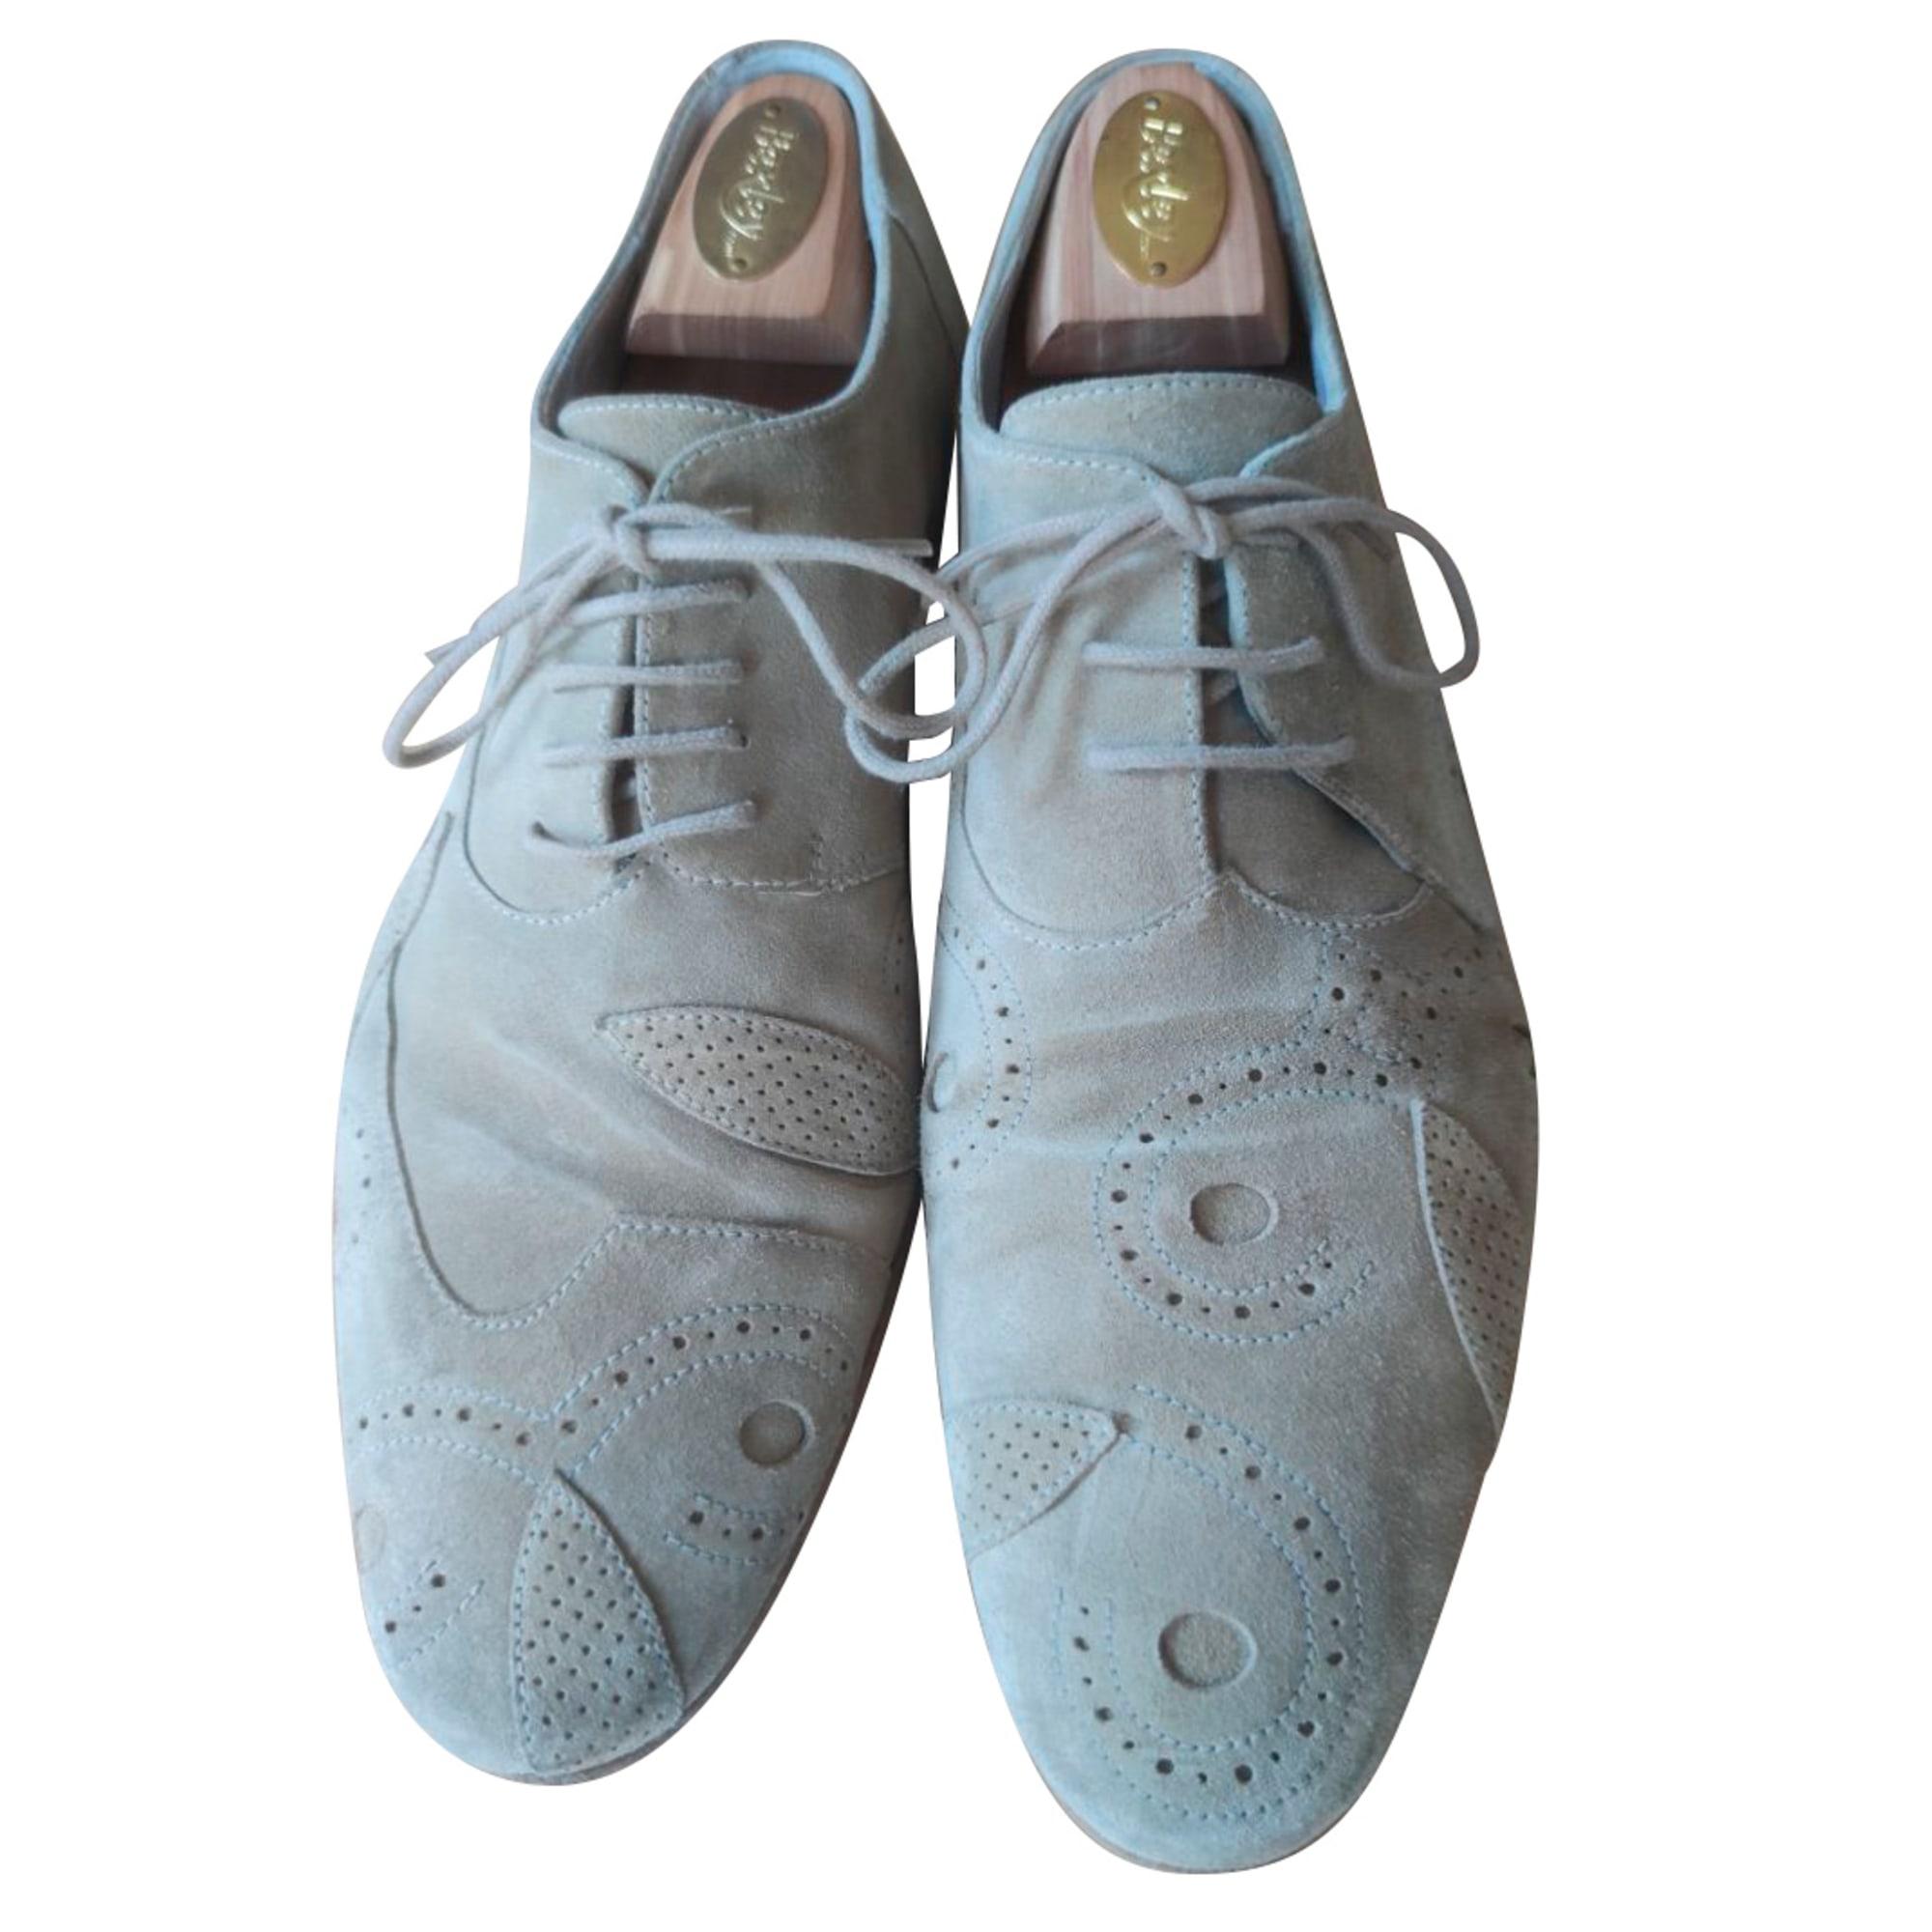 Chaussures à lacets JEAN-BAPTISTE RAUTUREAU Beige, camel